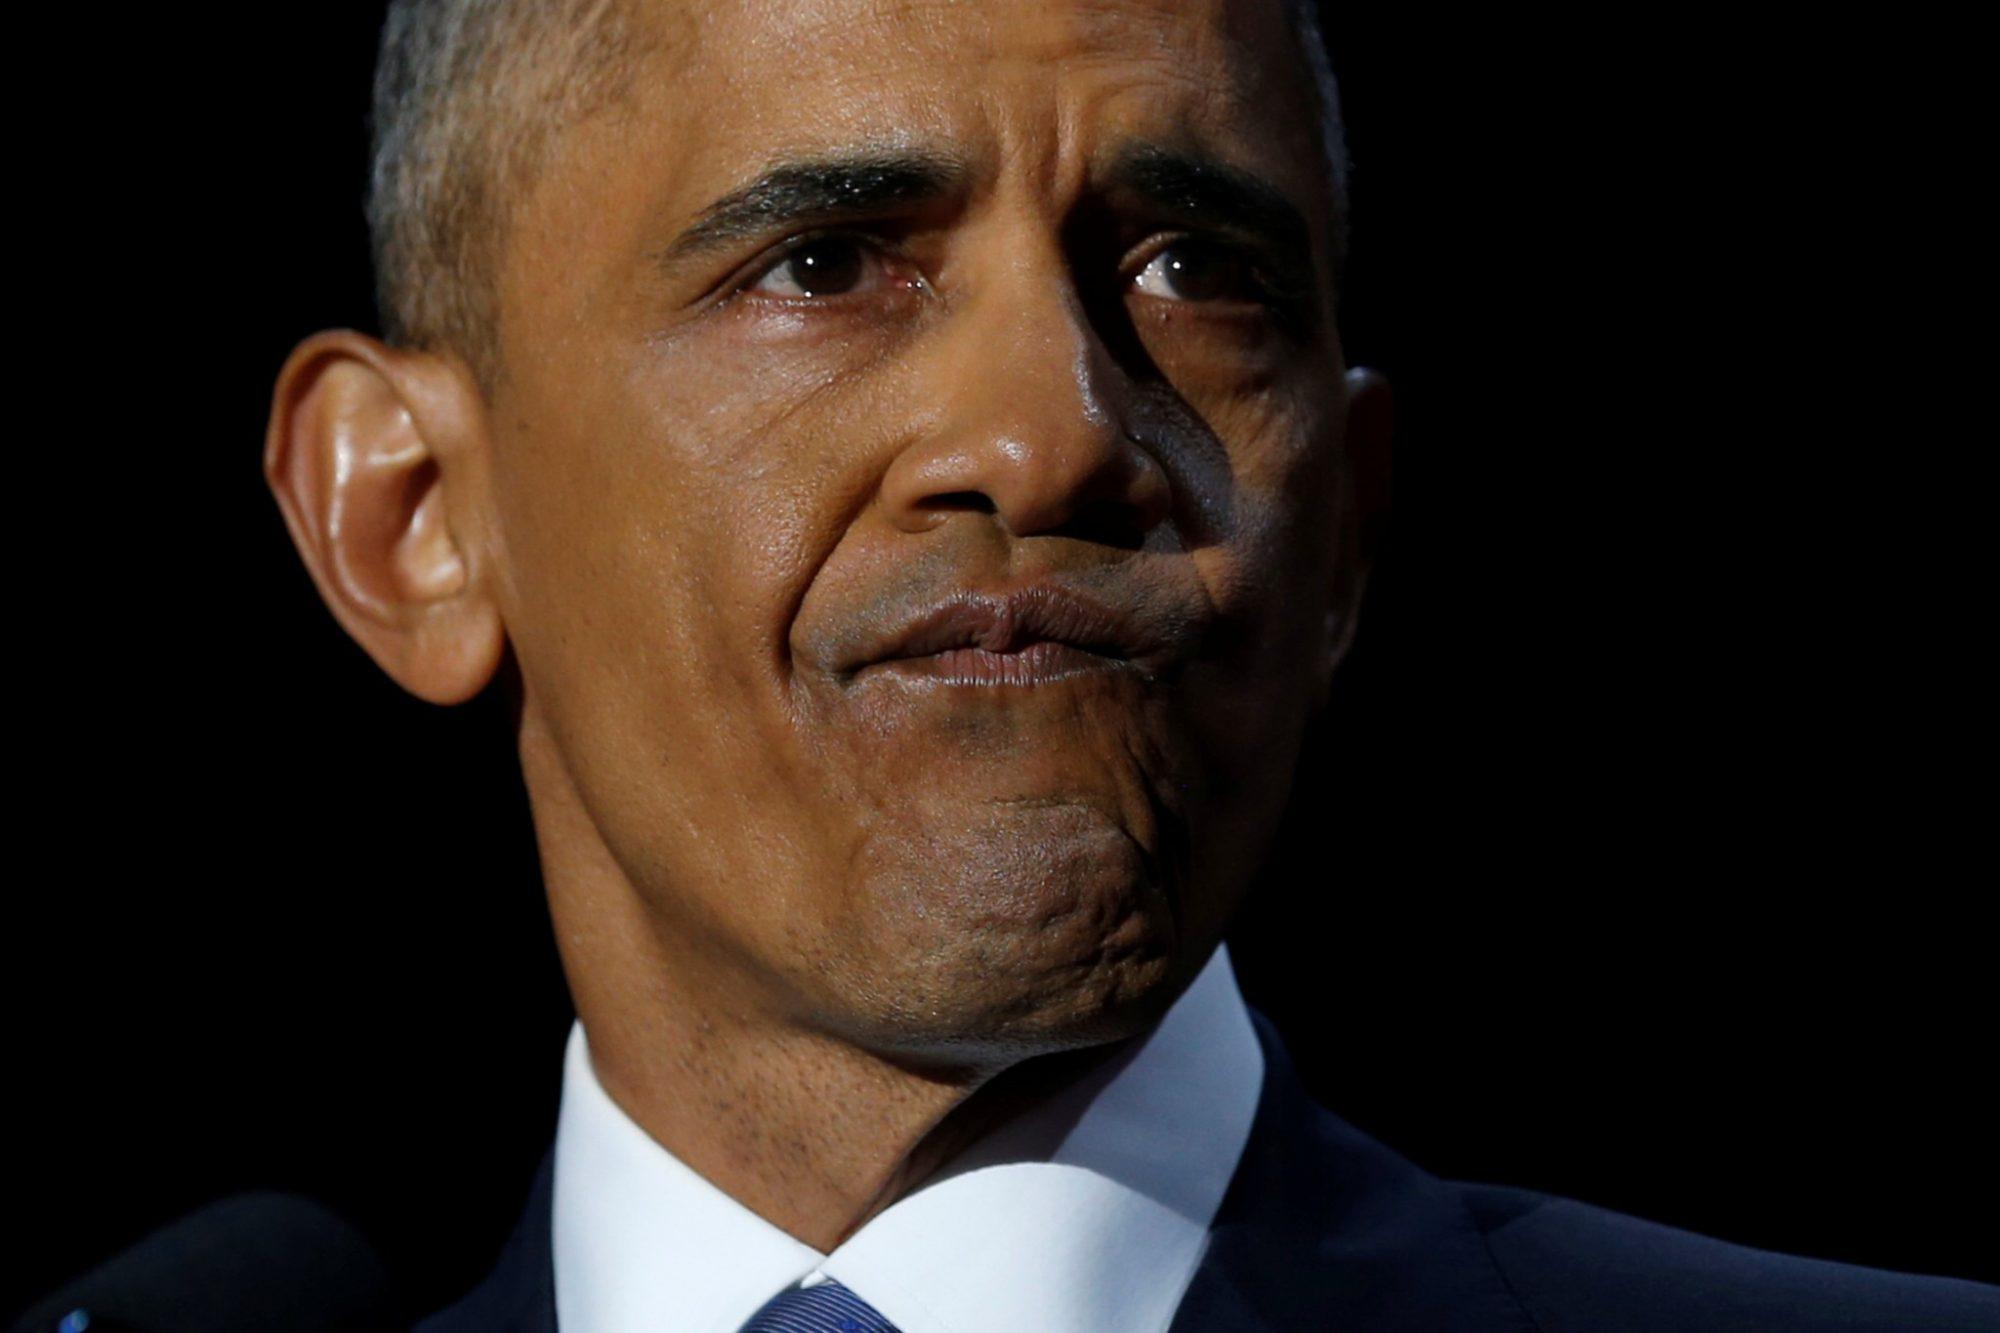 obama-1 «Με κάνατε καλύτερο άνθρωπο» - Mε δάκρυα, το αντίο του Ομπάμα  στους πολίτες  [εικόνες & βίντεο]